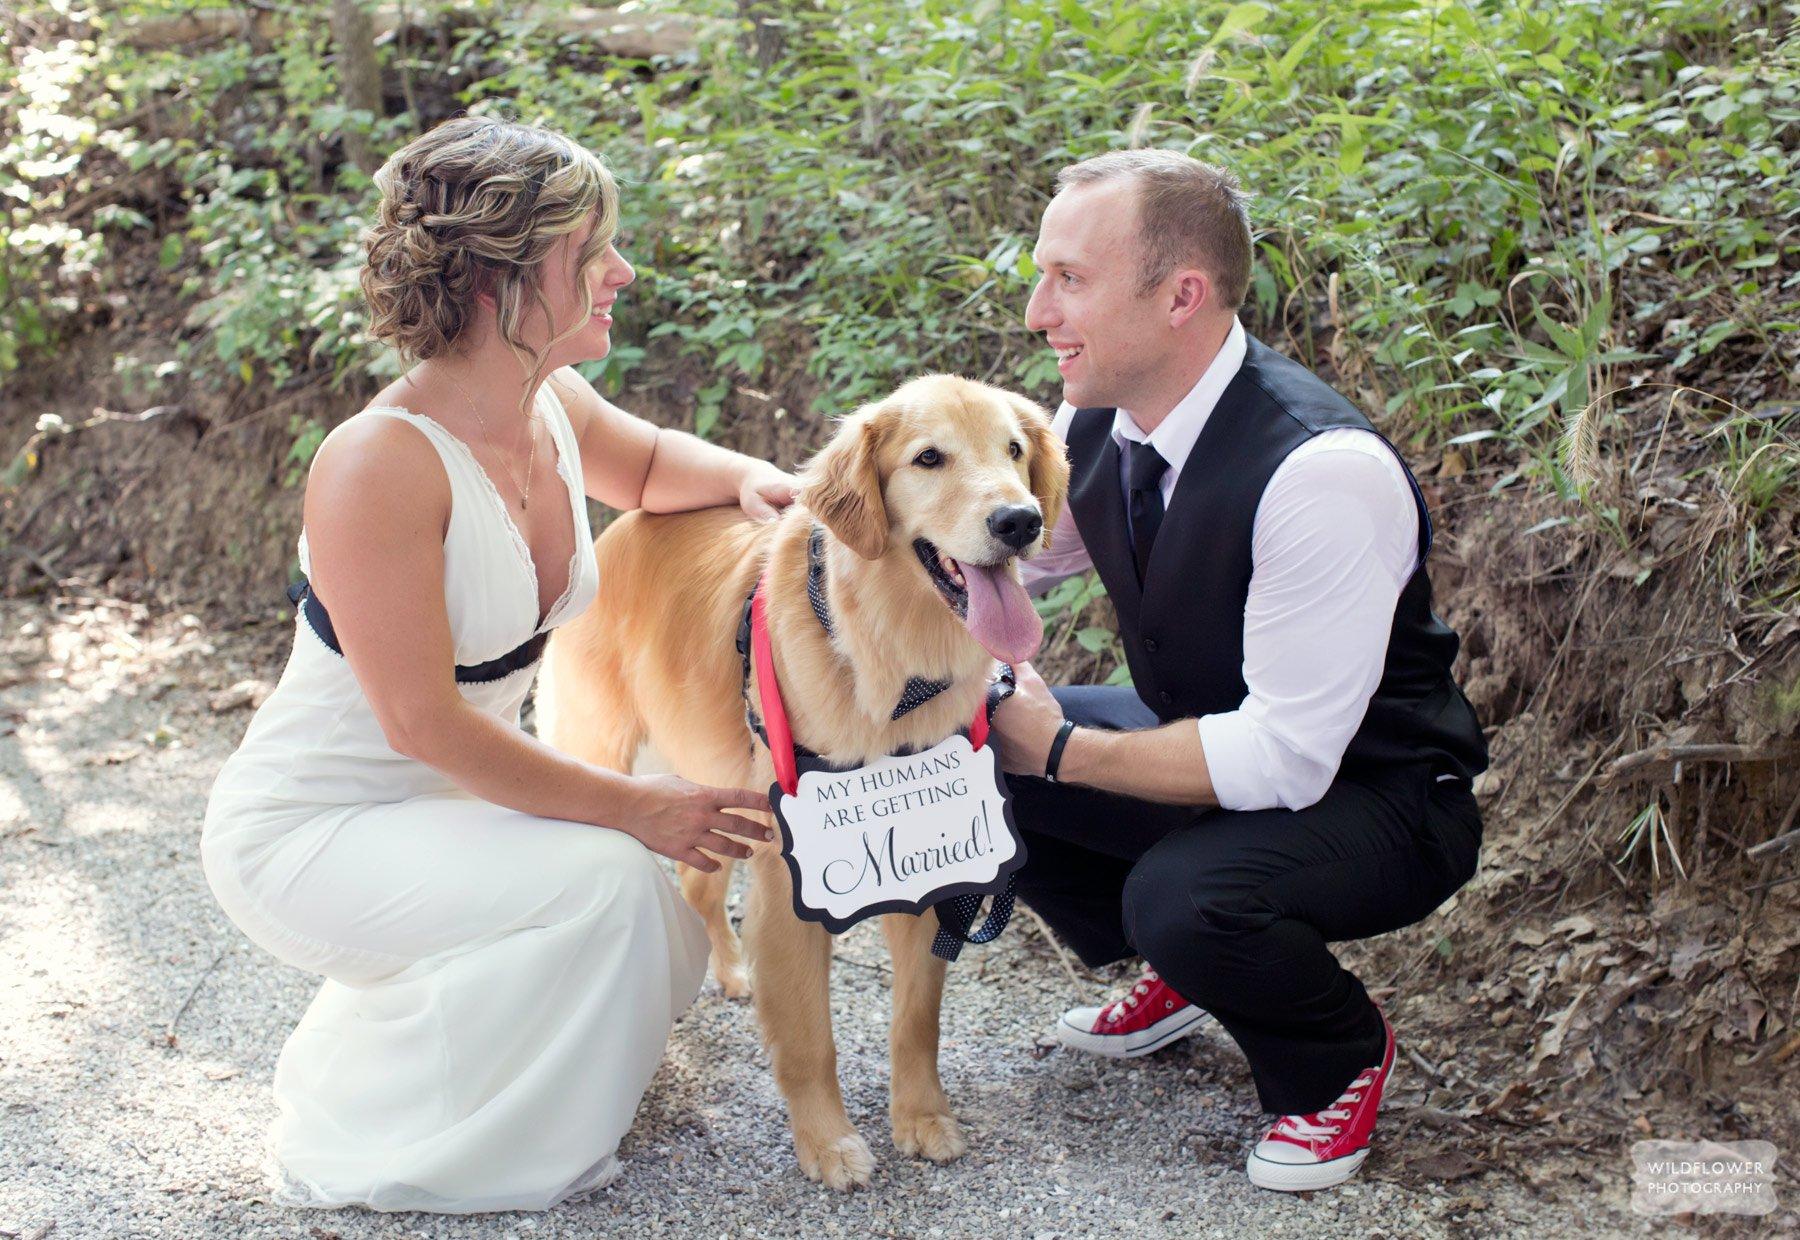 les-bourgeois-wedding-dog-photo